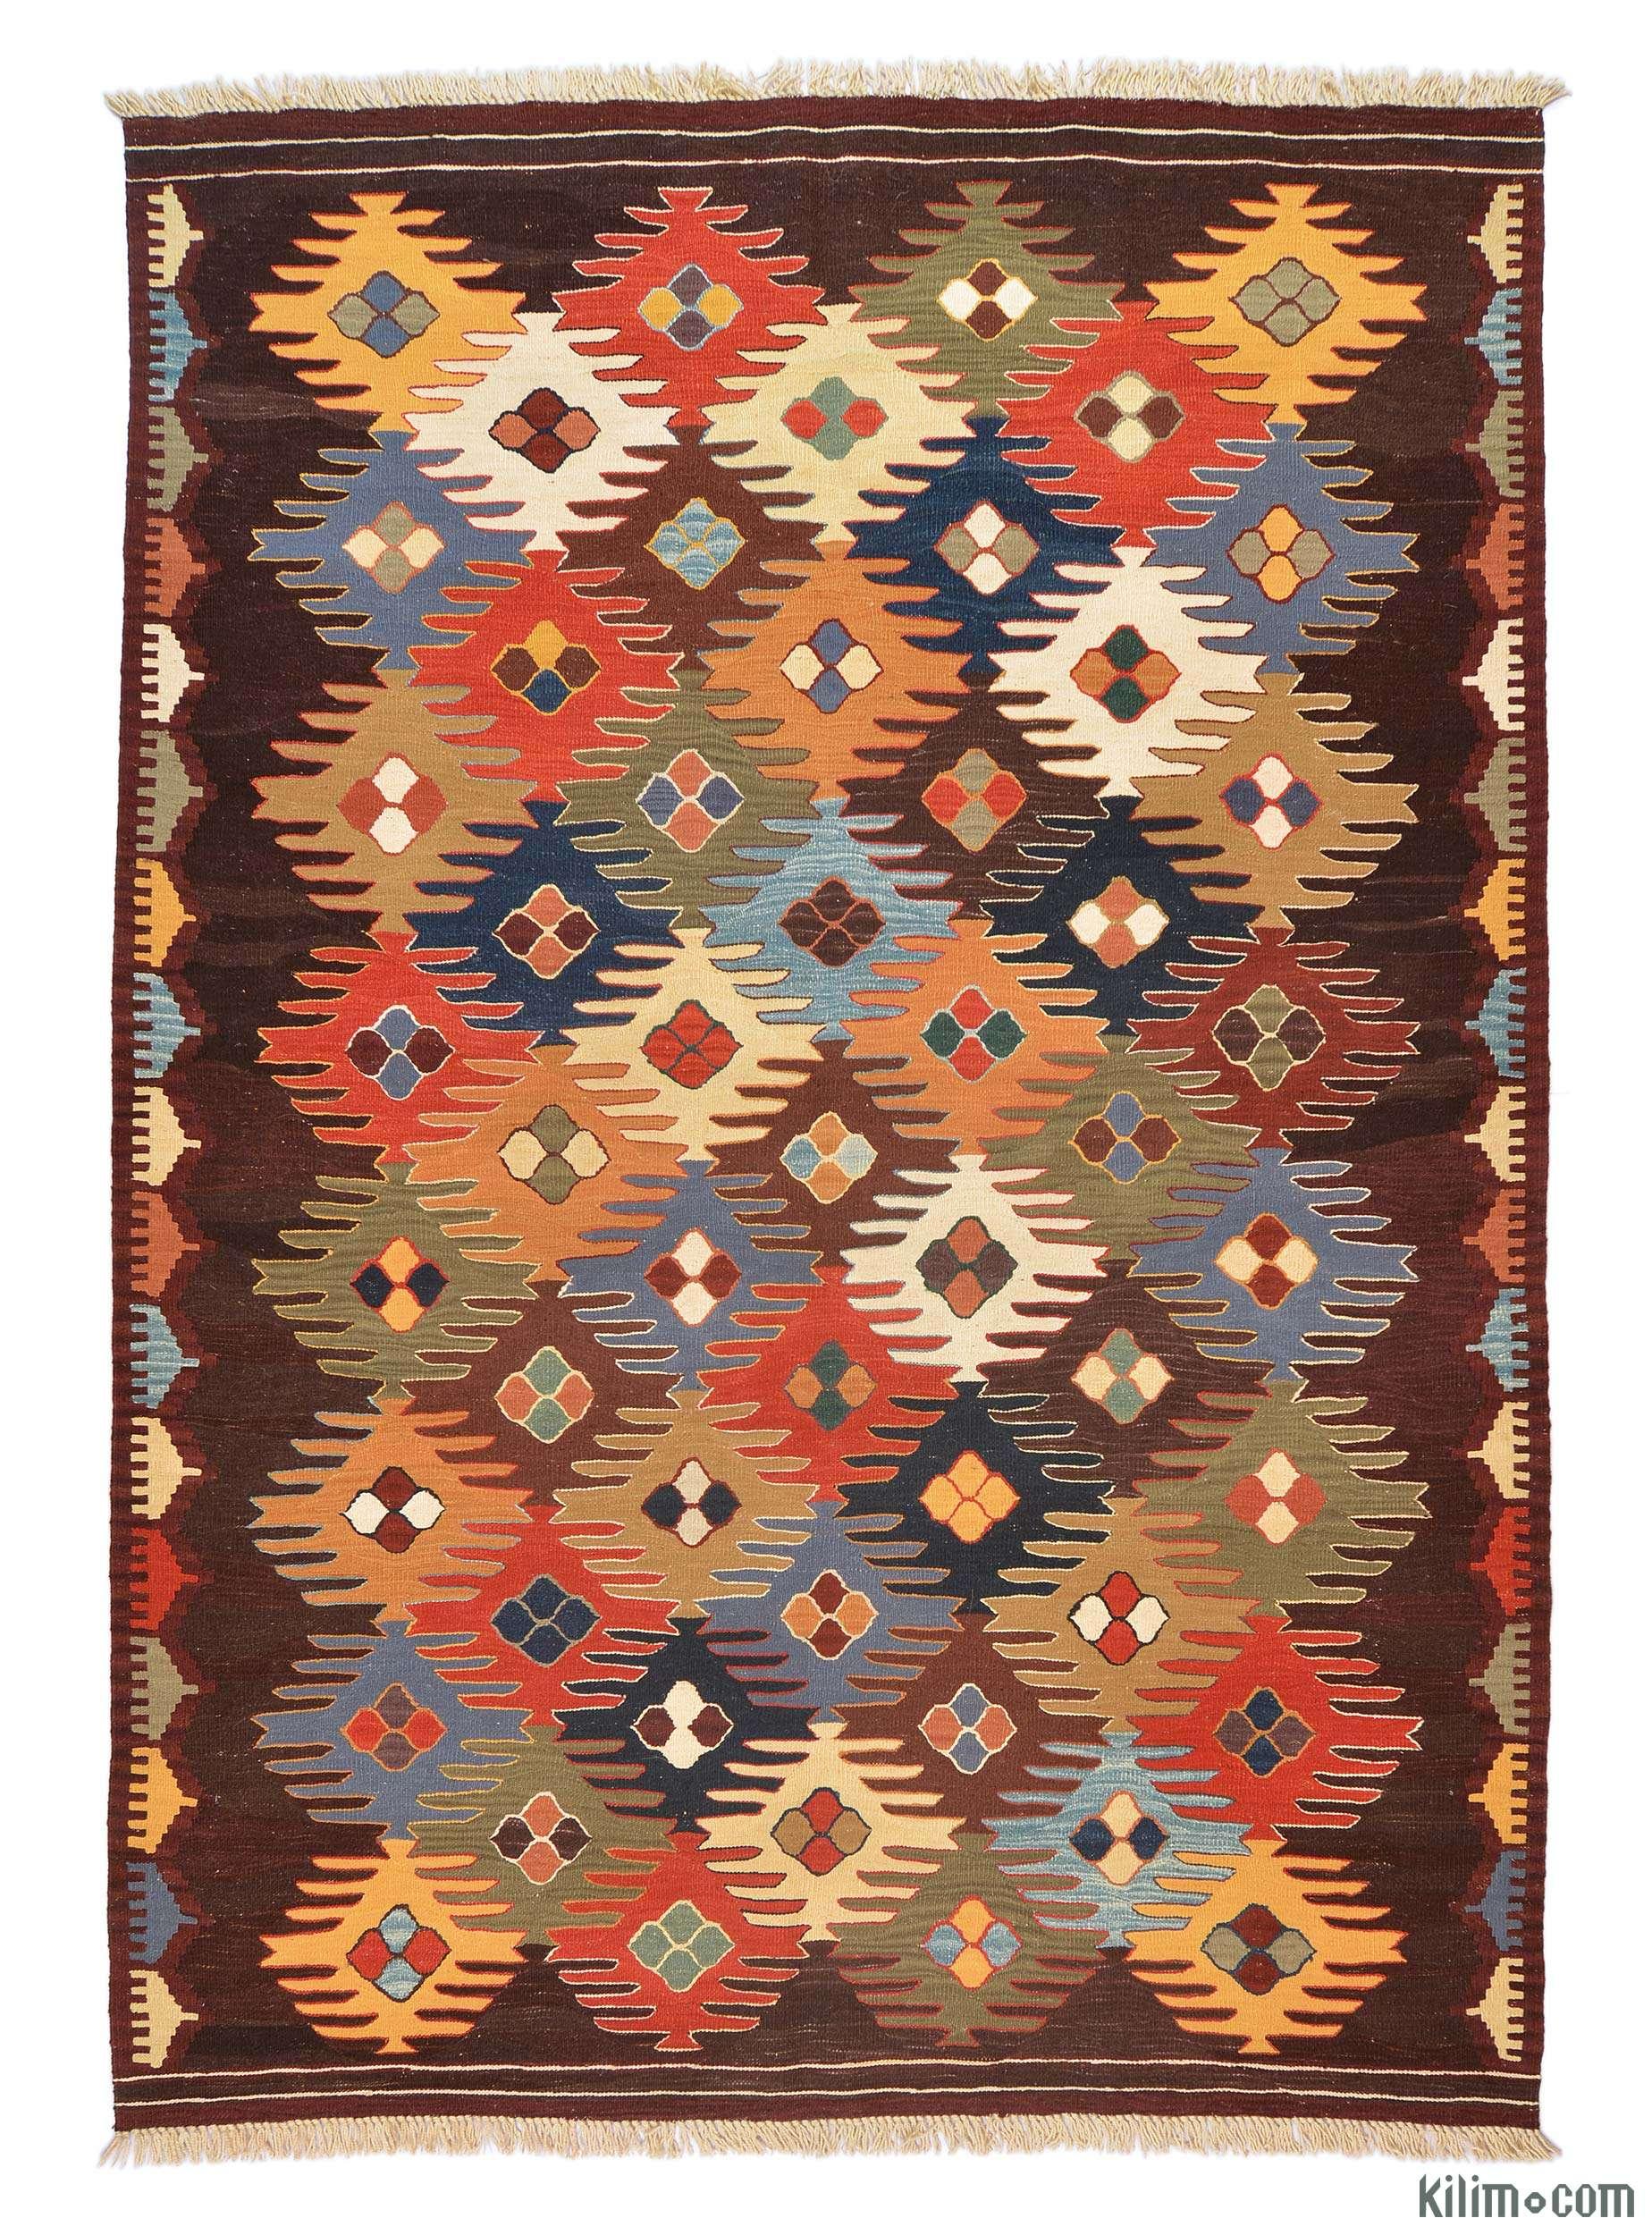 K0005789 Multicolor New Turkish Kilim Rug